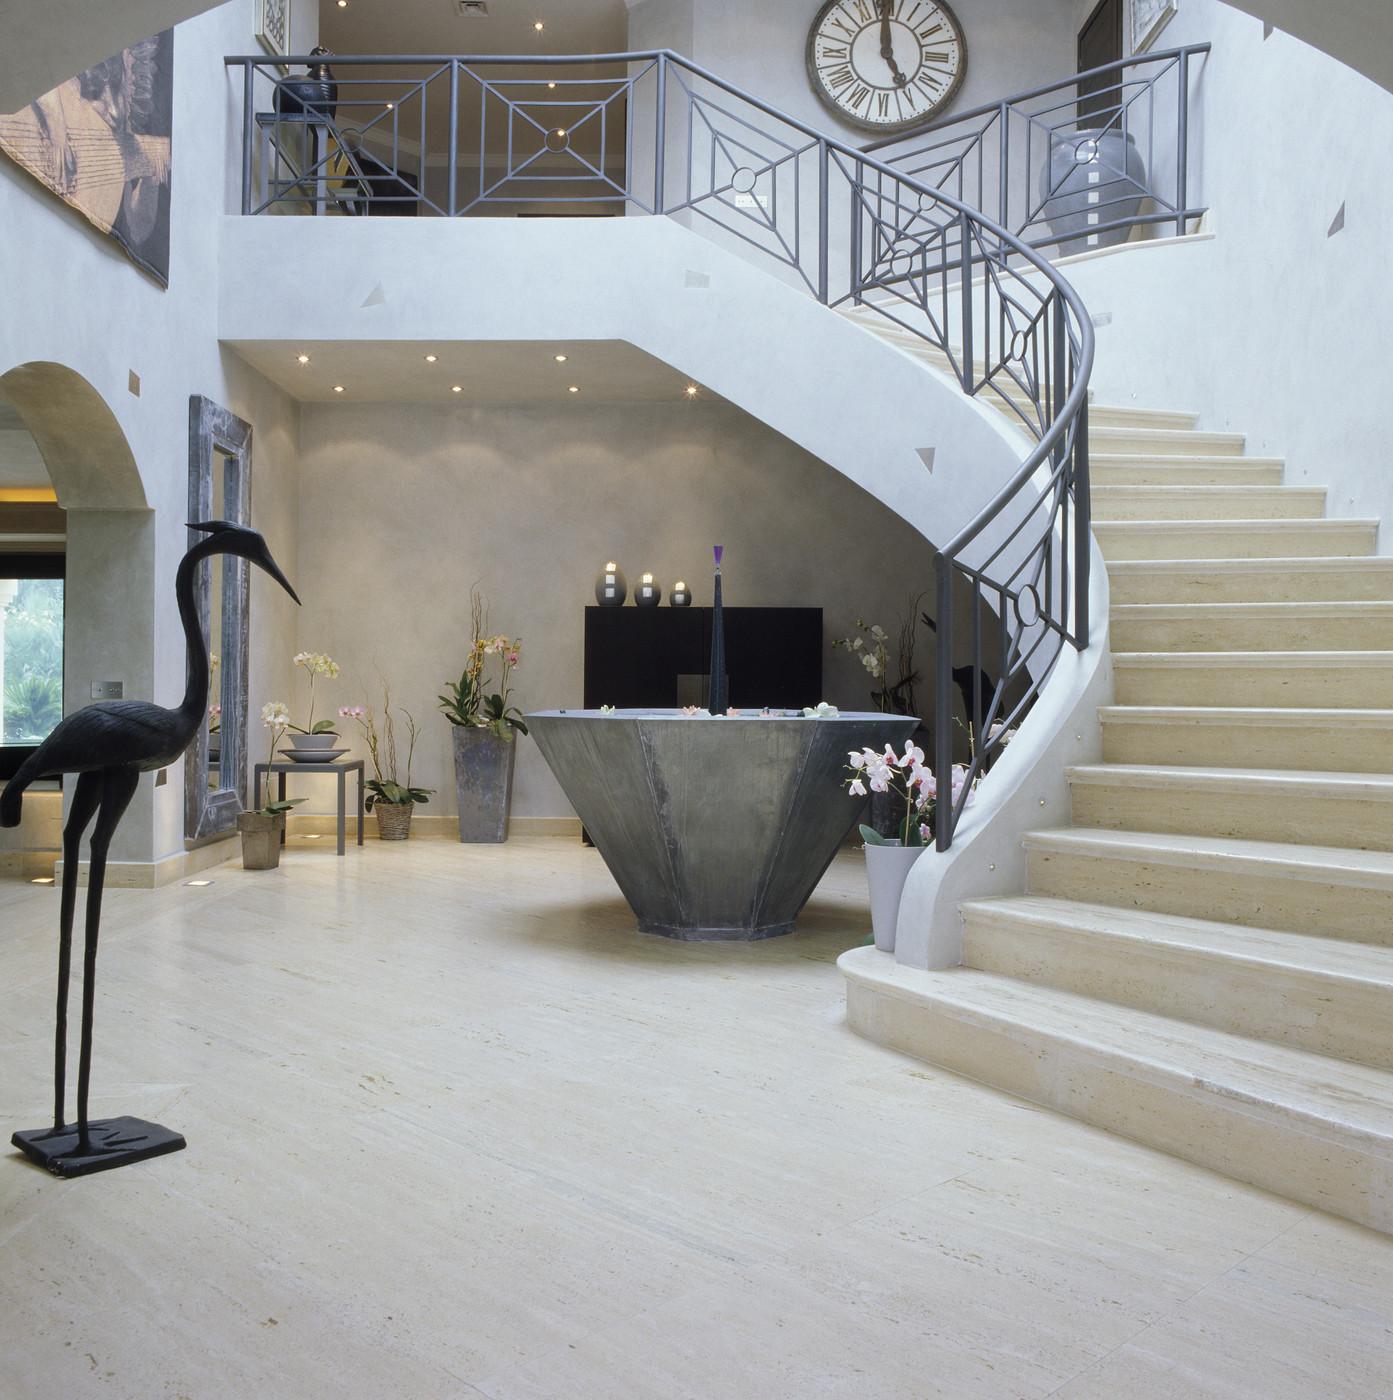 Sculptural features in a modern foyer